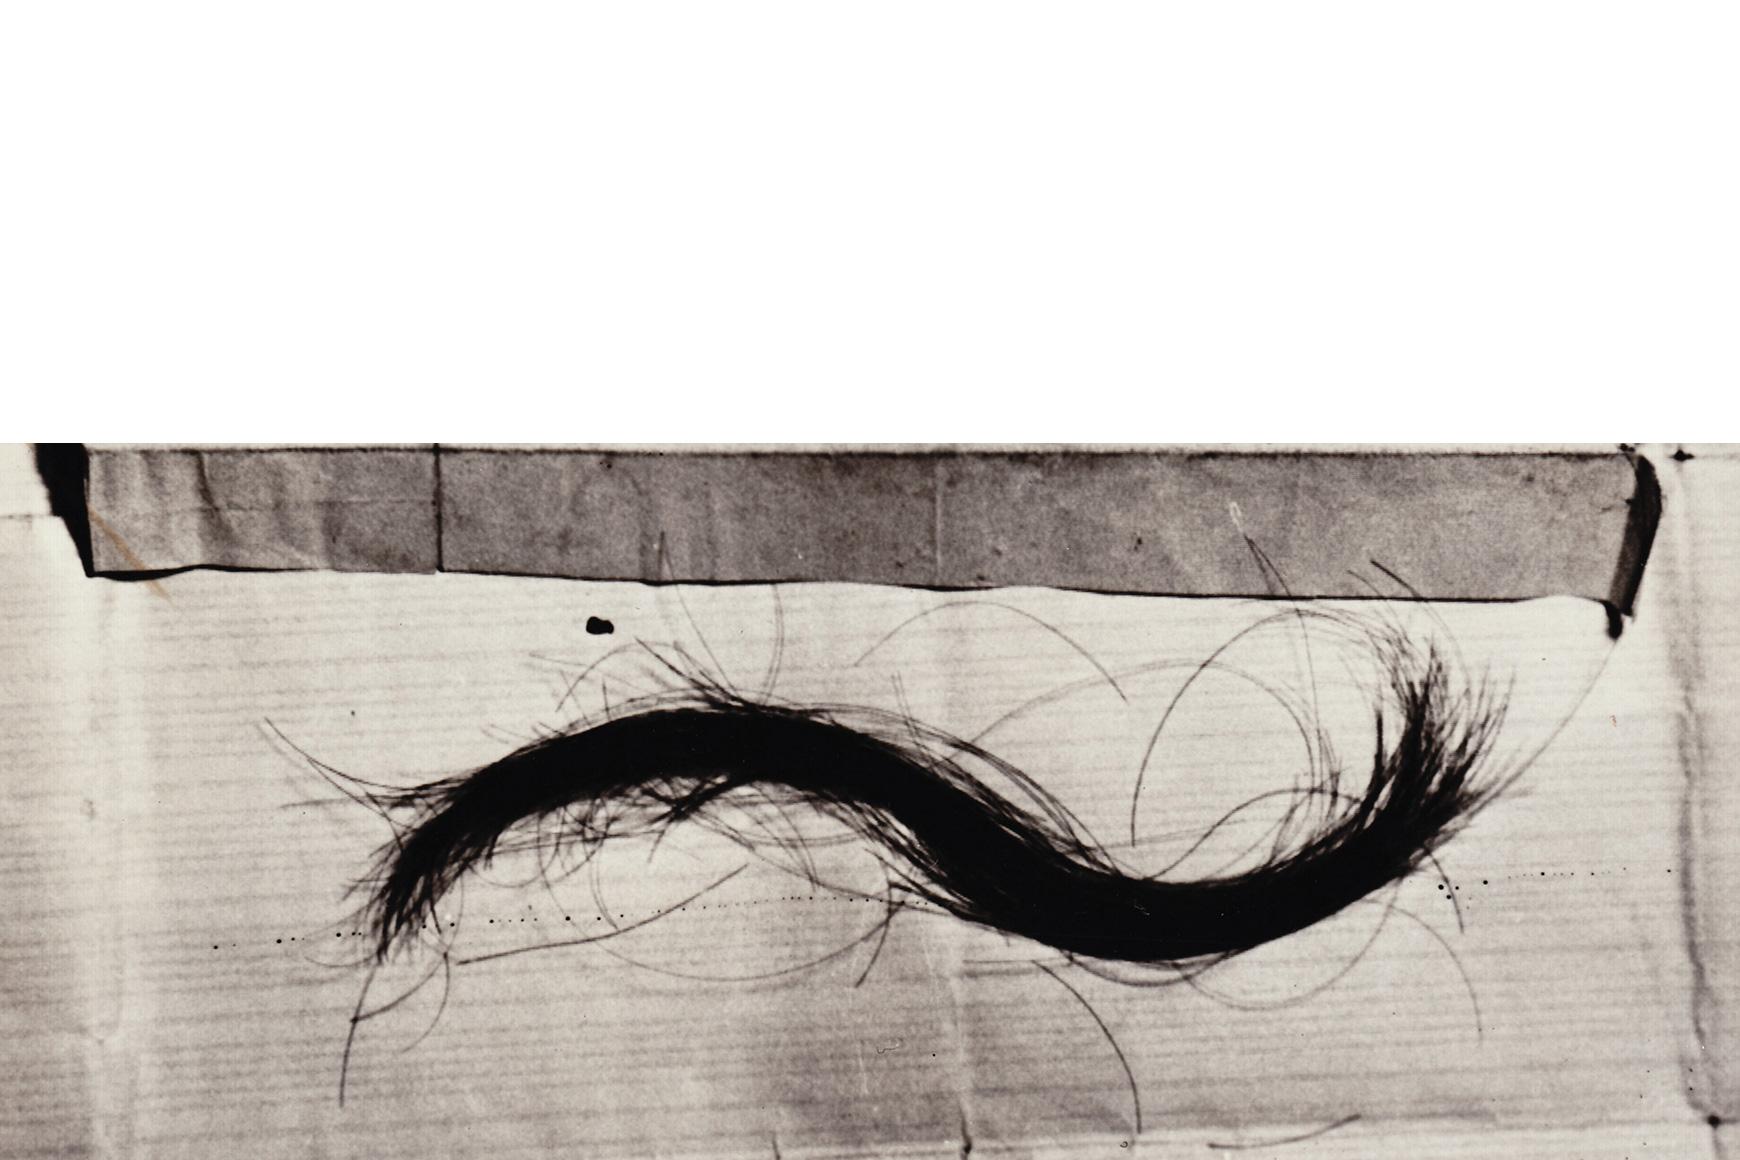 Fotograaf onbekend, 1964 - Collectie Margit Willems